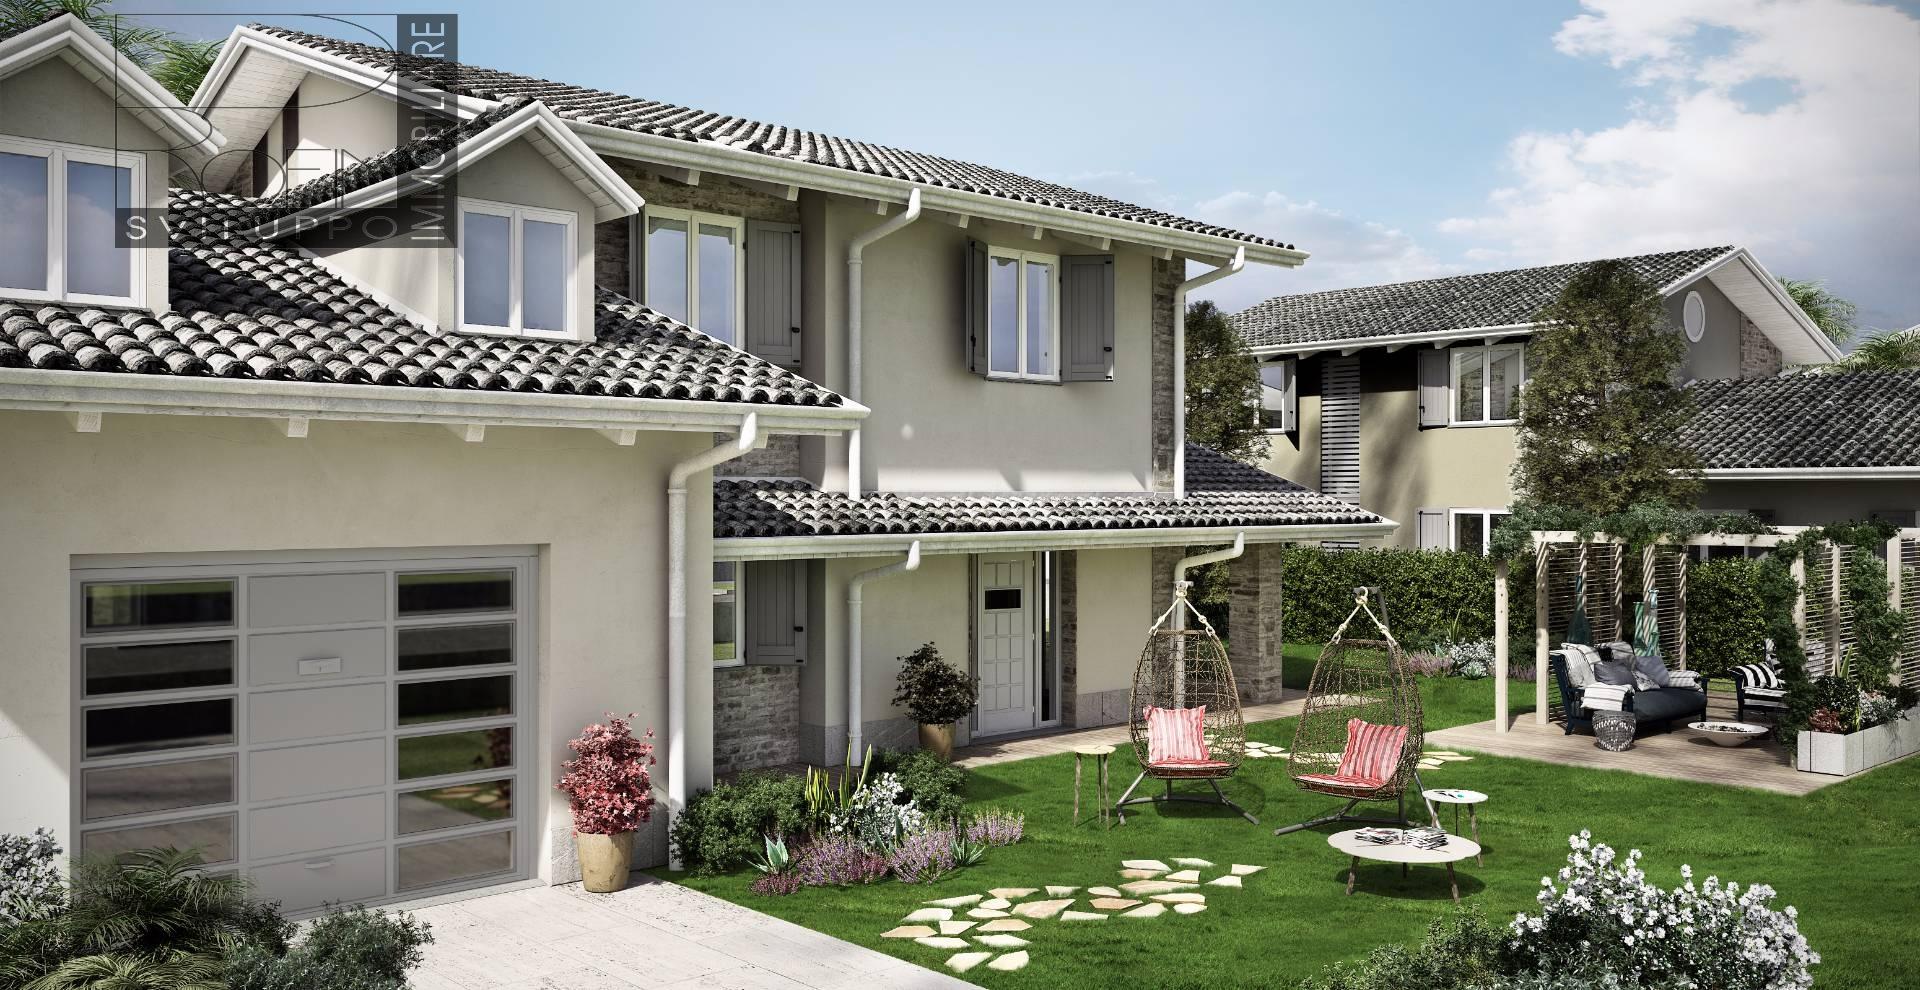 Casa spino d 39 adda appartamenti e case in vendita for Mercatone dell arredamento spino d adda